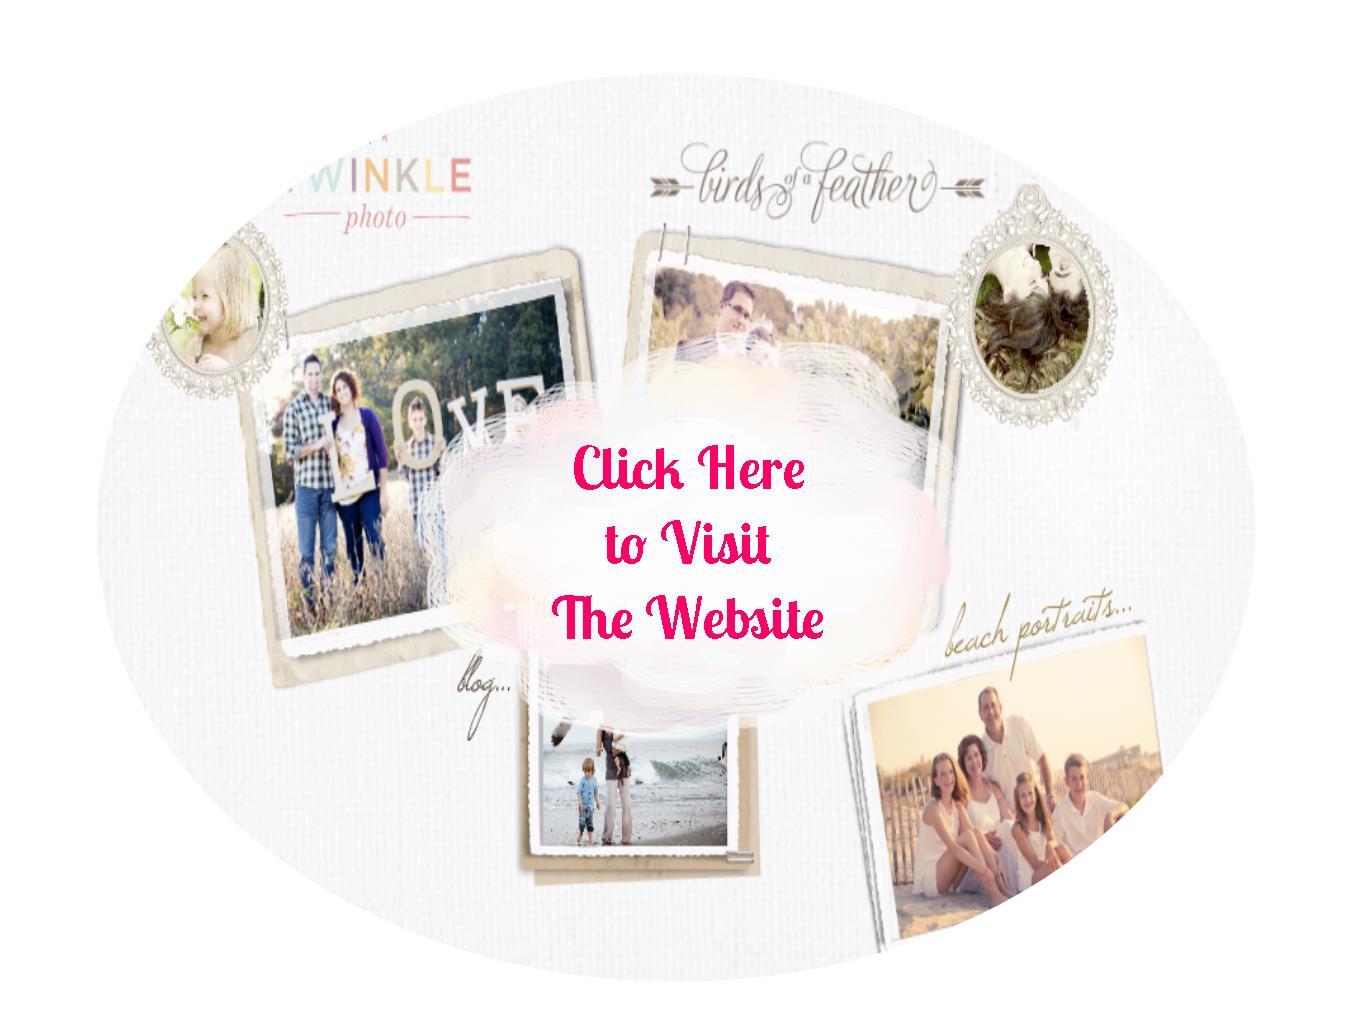 twinkleweb